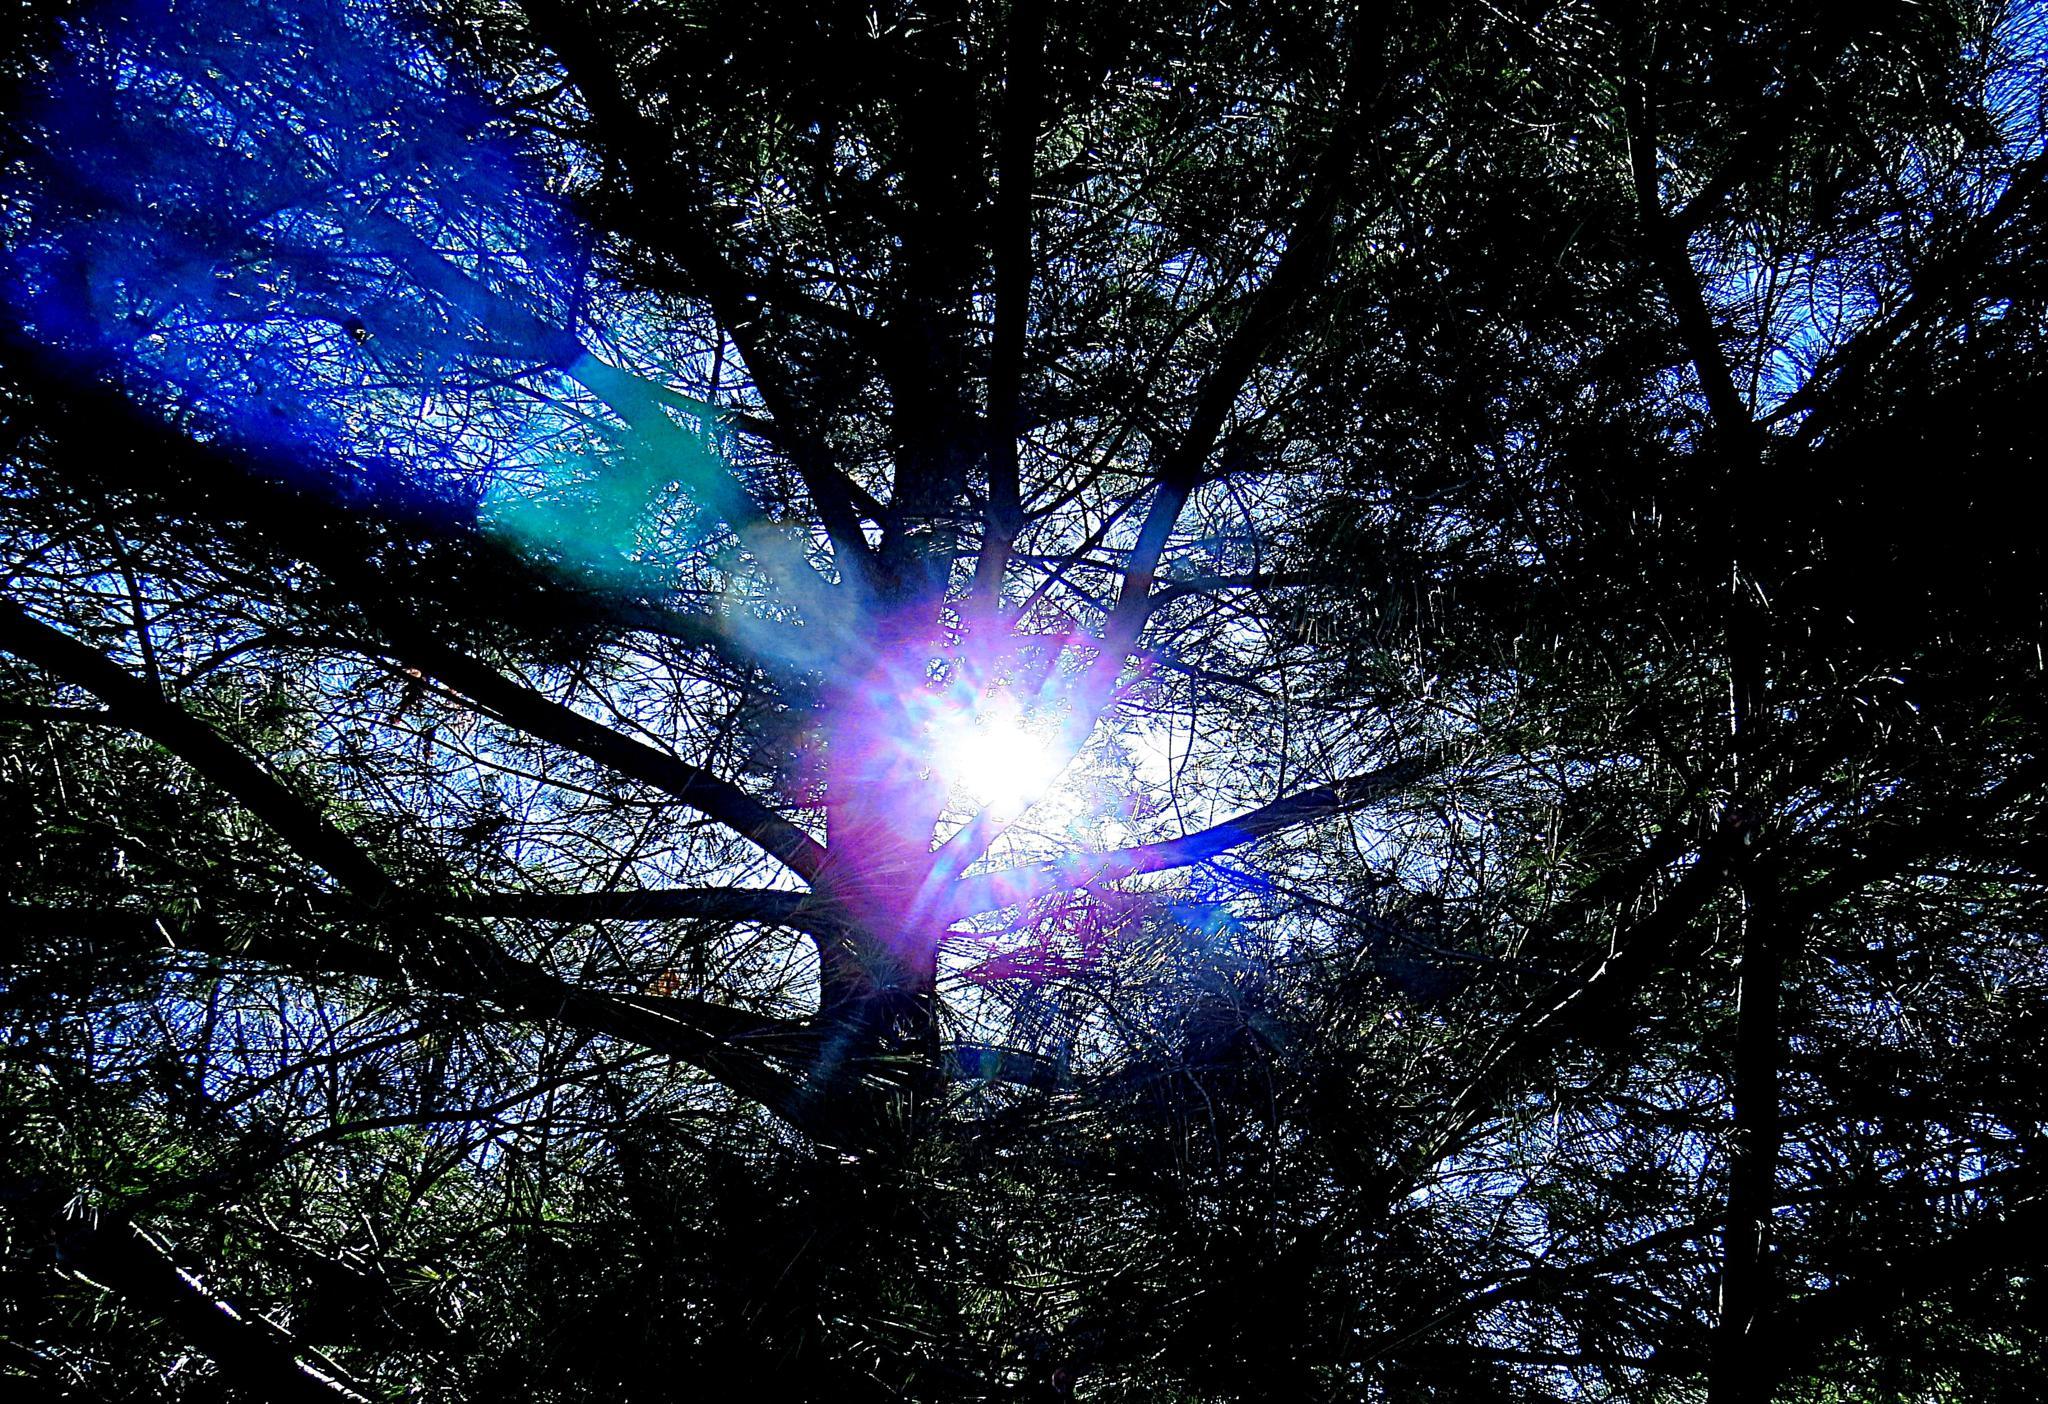 Sun flare by pennieawhite